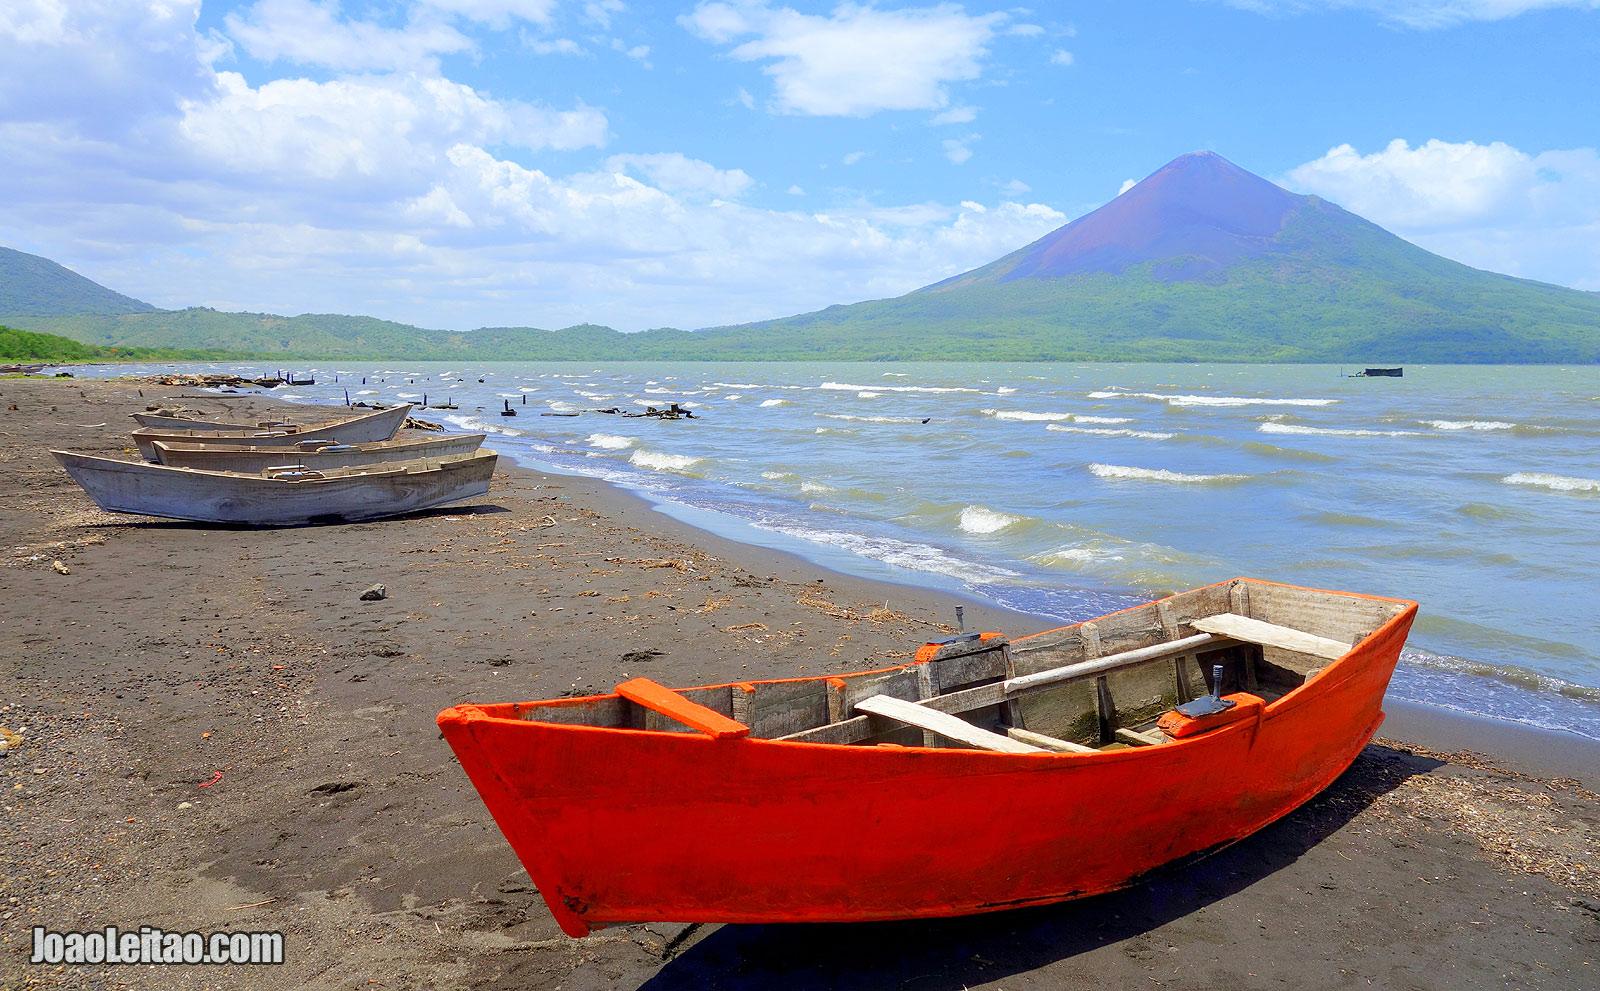 Barco com vista para o Vulcão Momotombo - Viajar na Nicaragua